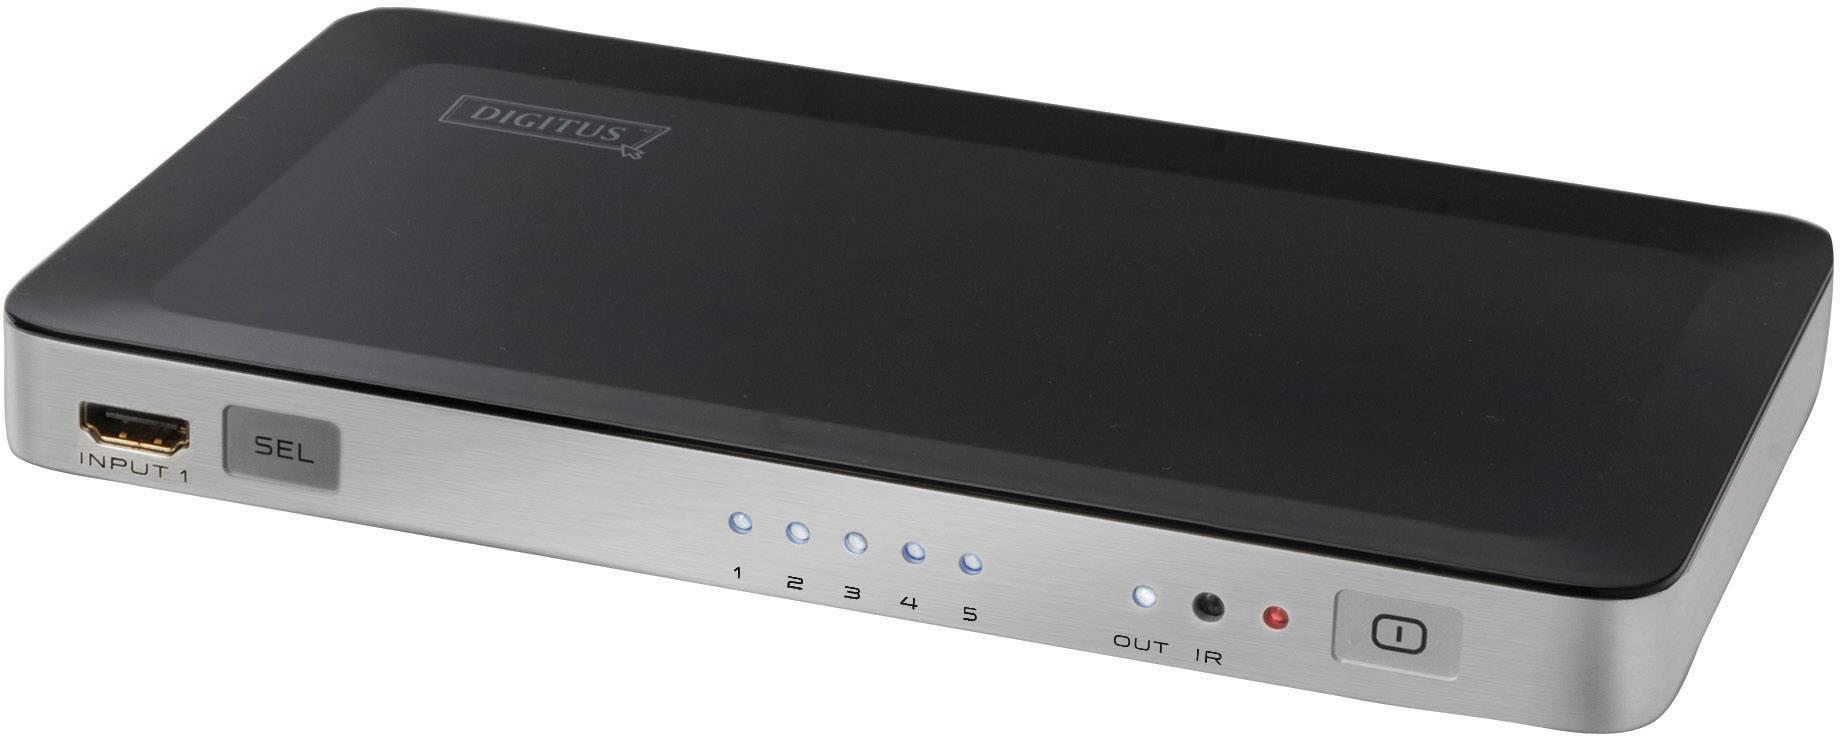 HDMI přepínač Digitus DS-45300, 5 portů, s dálkovým ovládáním, možnost 3D přehrávání